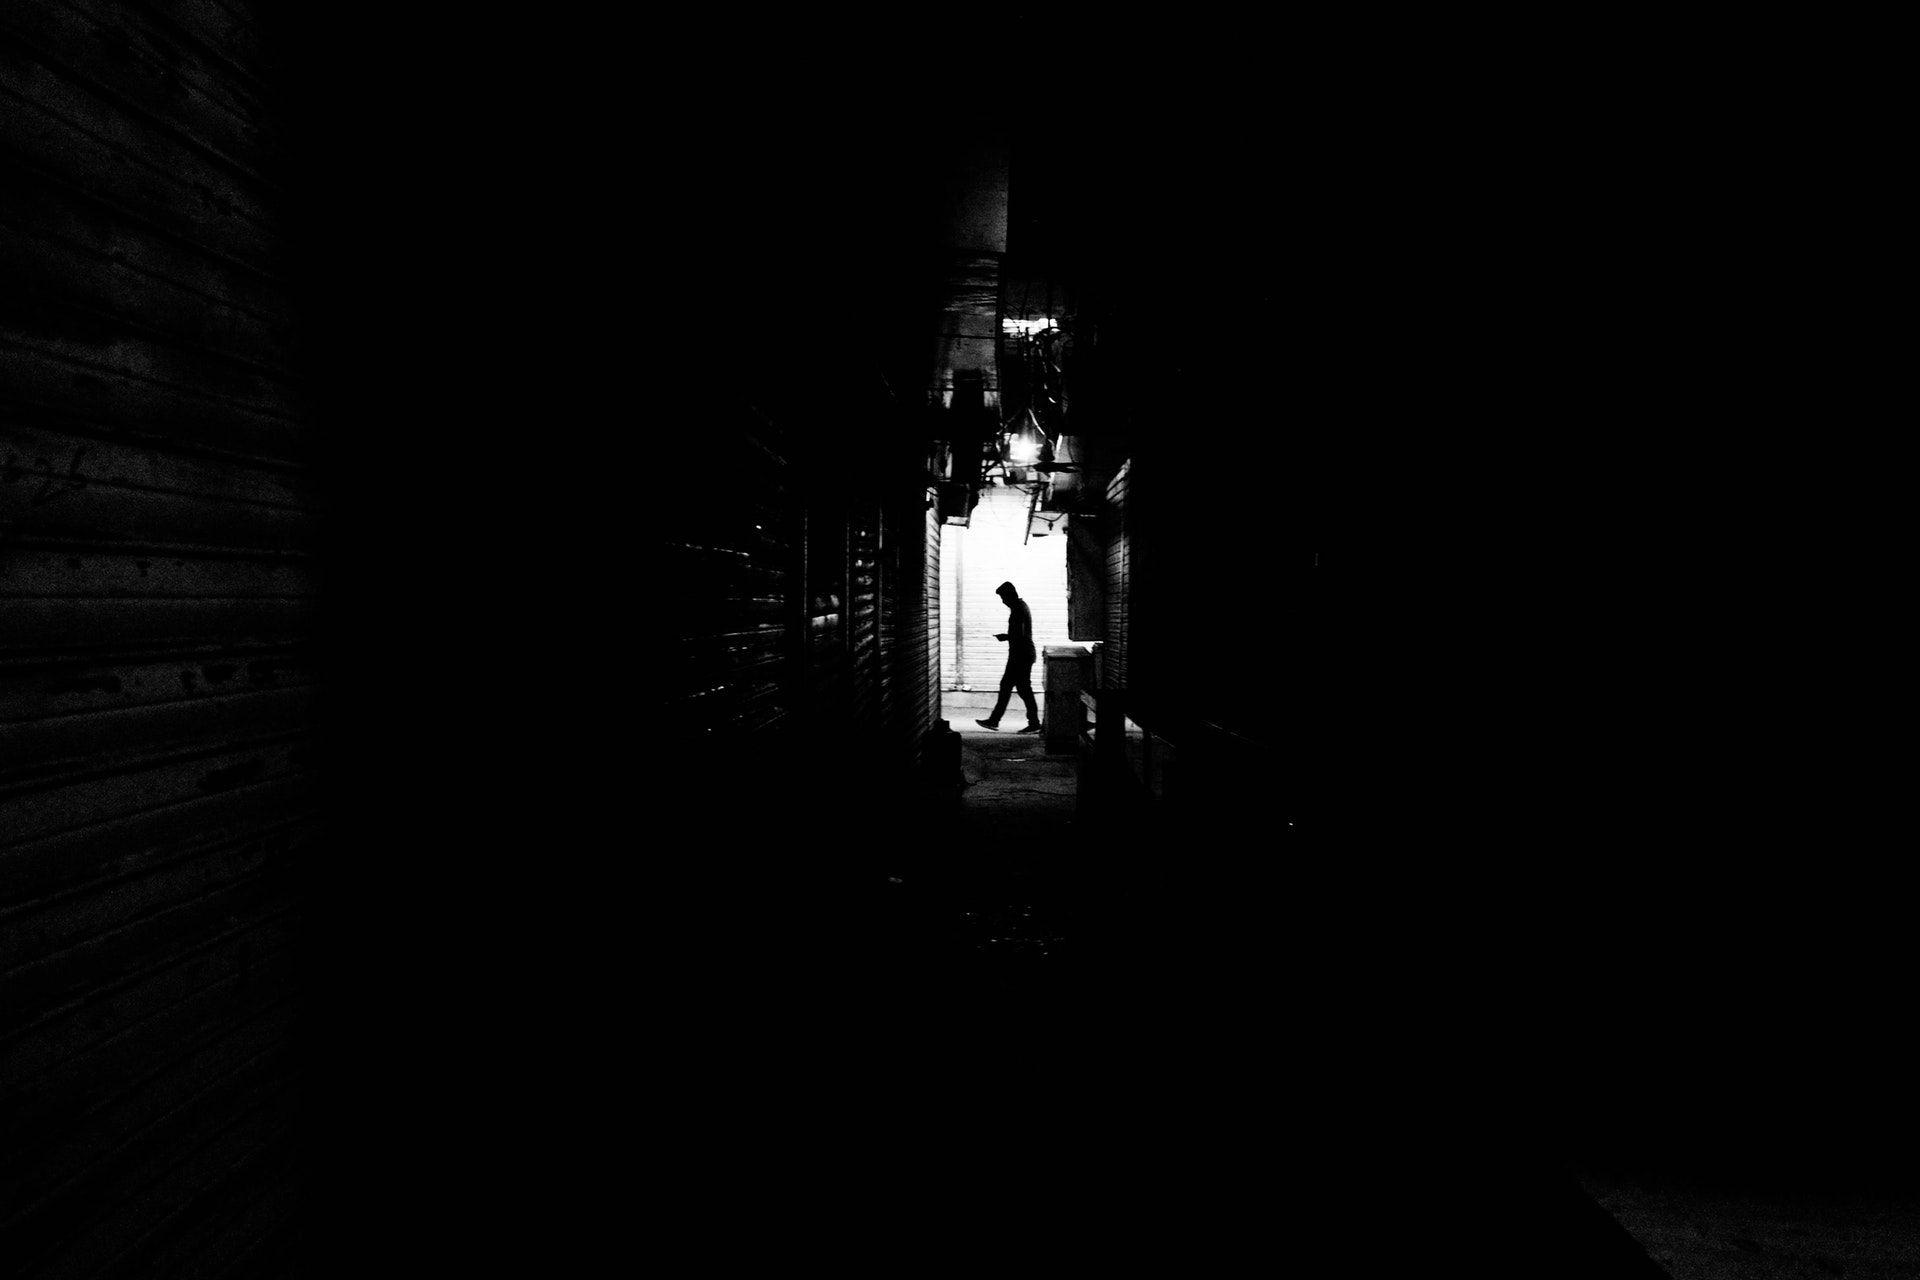 عکس زمینه سایه مشکی یک مرد پس زمینه